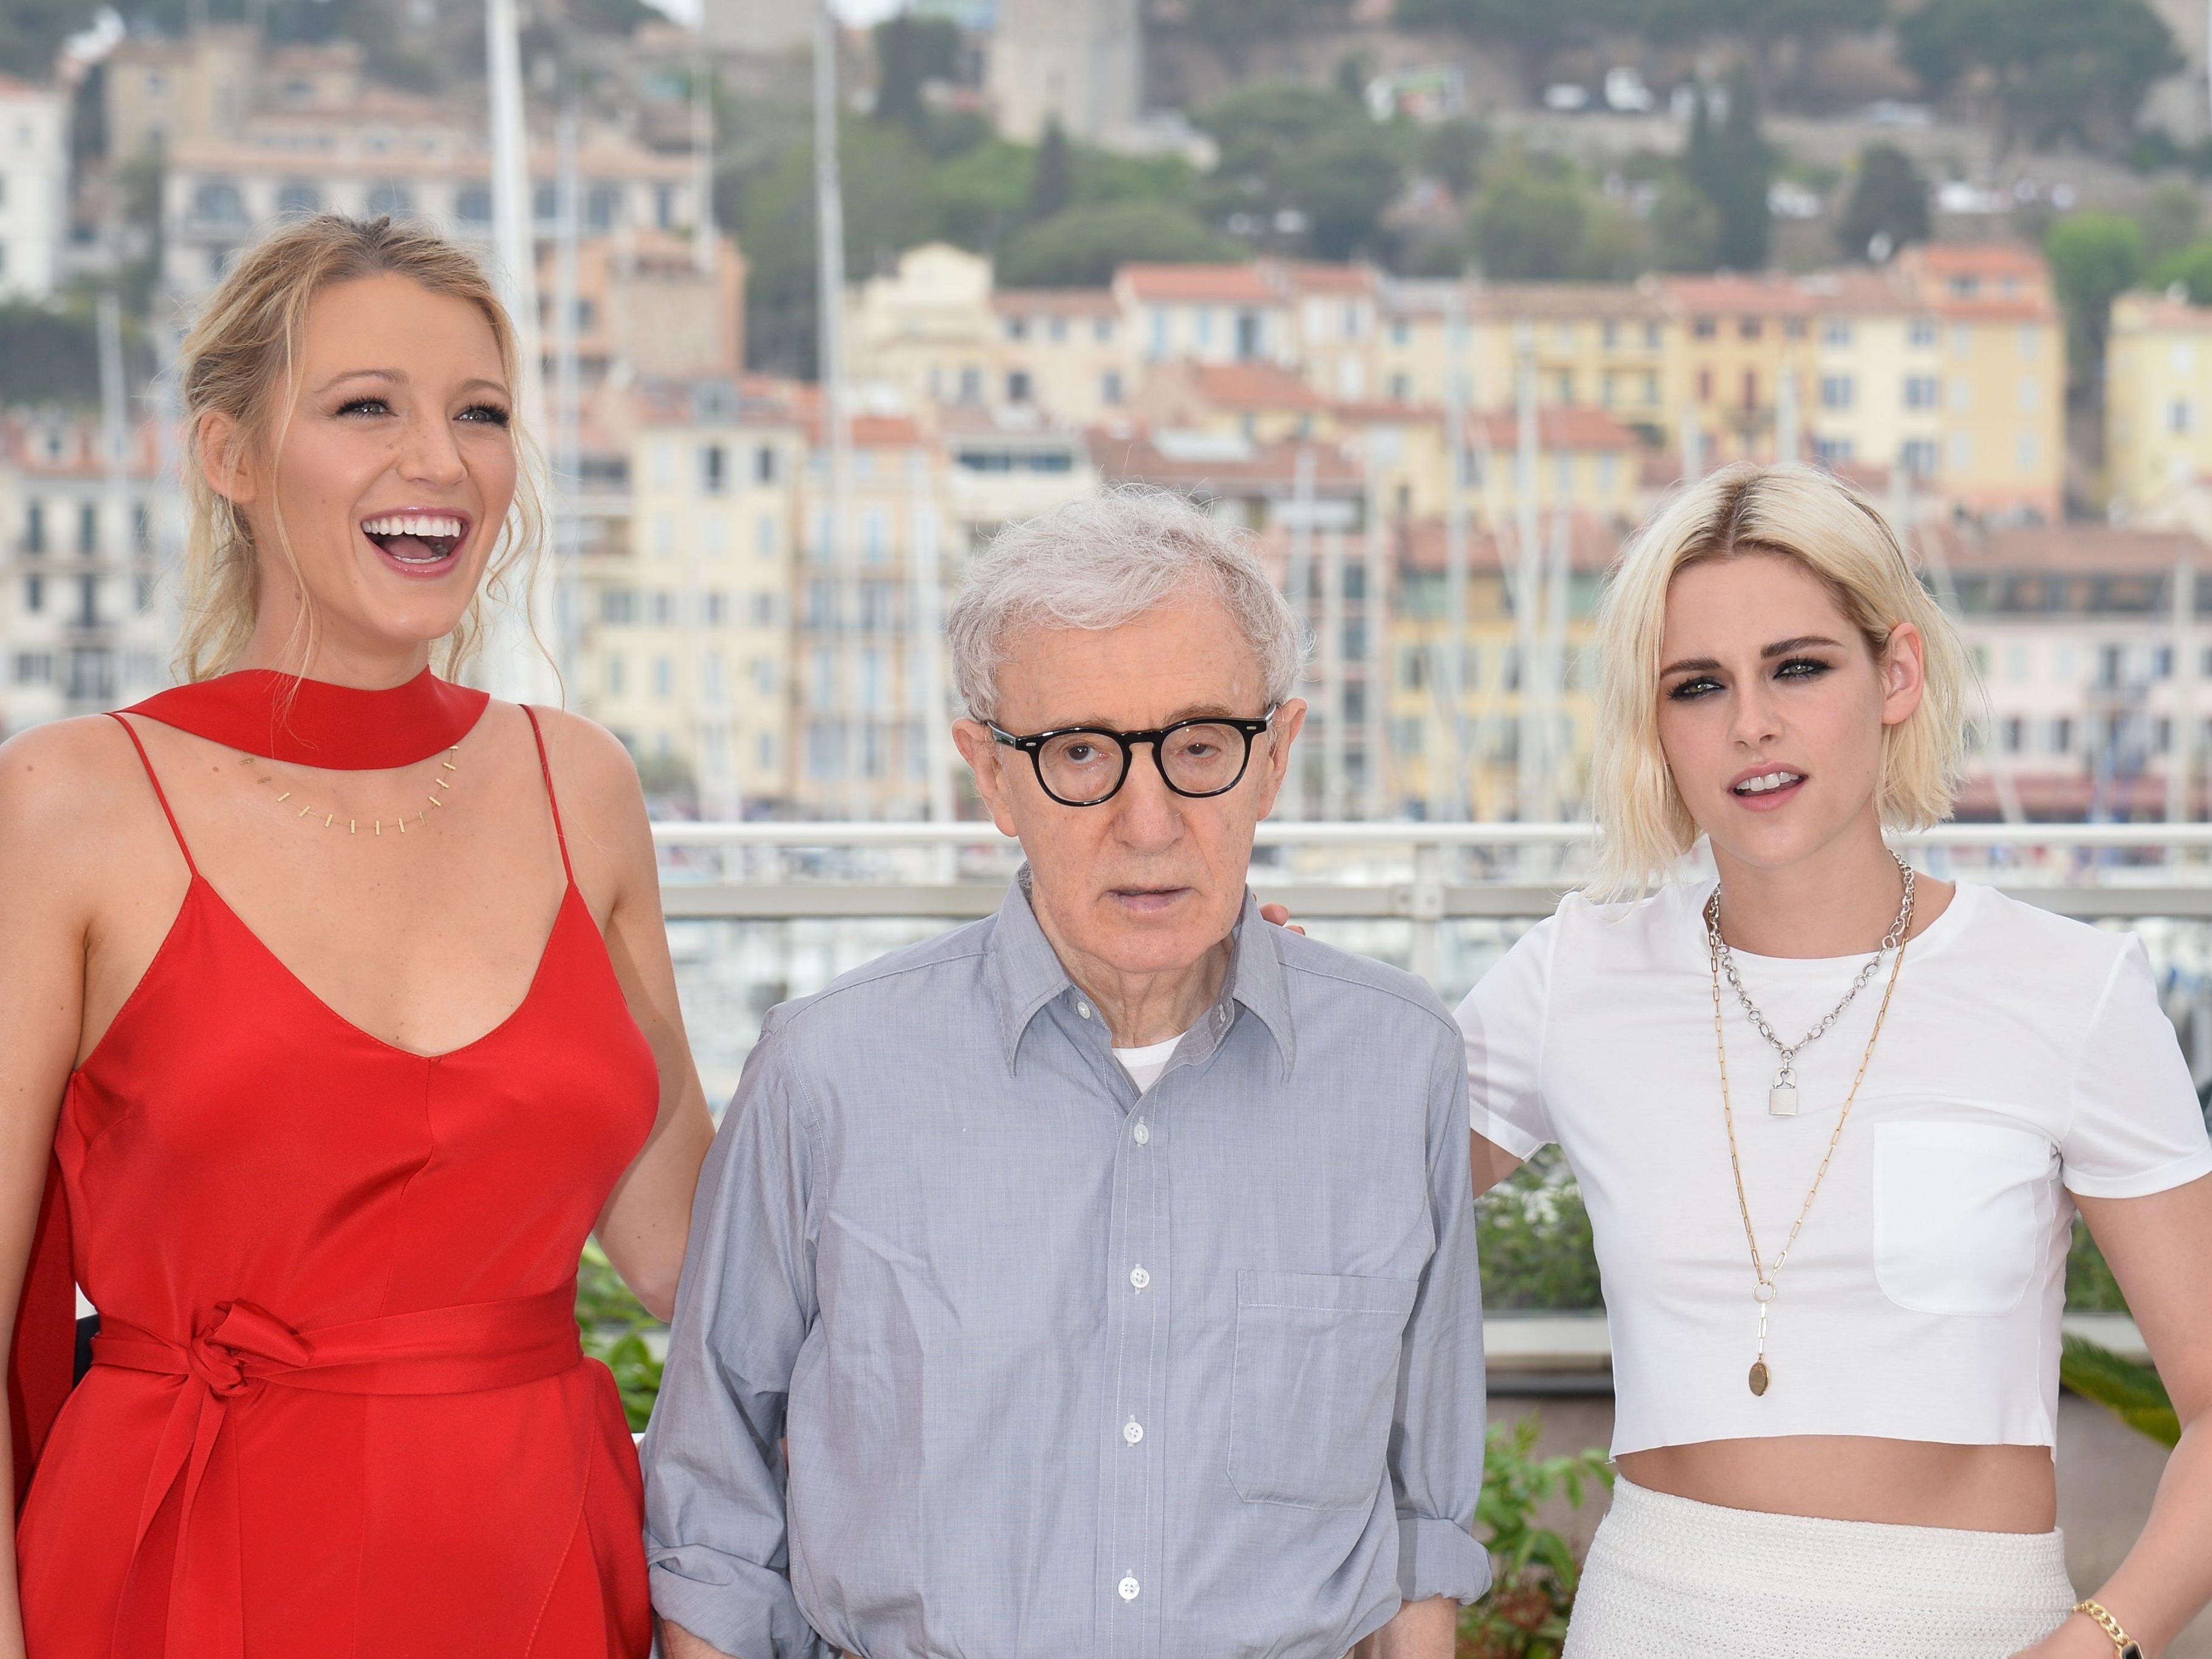 Blake Lively mit Woody Allen und Kristen Stewart in Cannes bei den 69. Filmfestspielen.